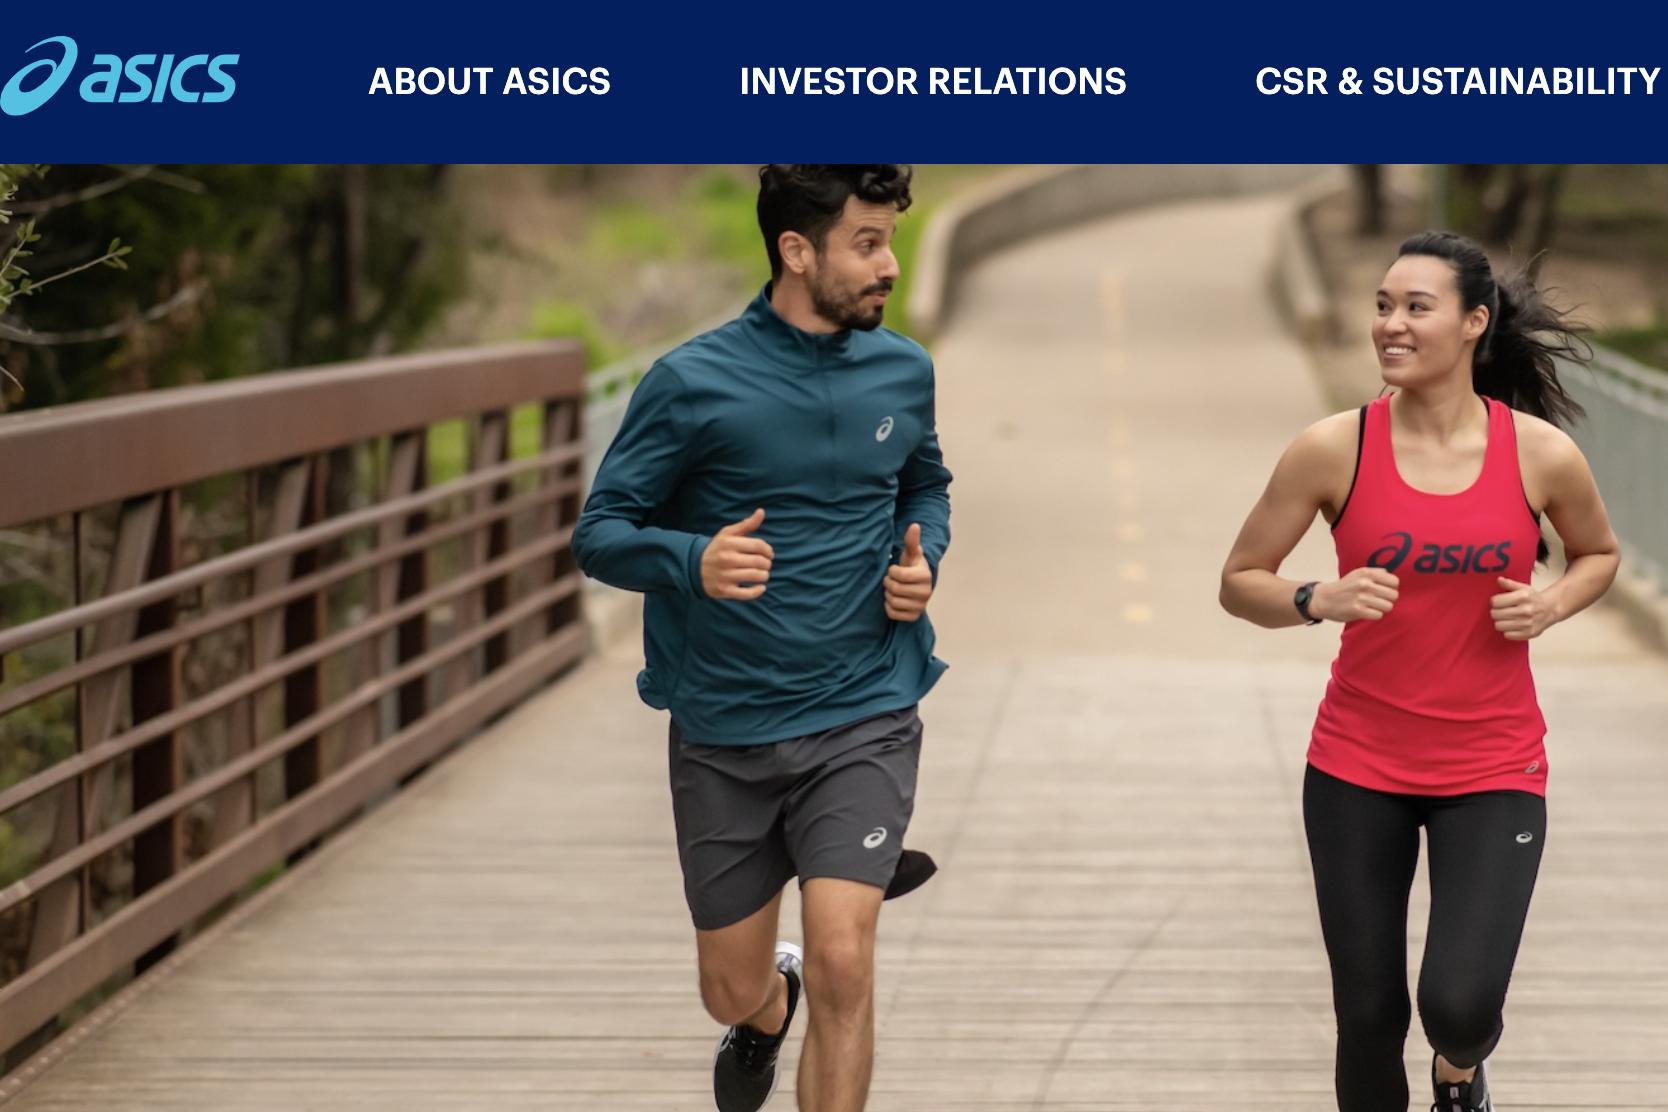 亚瑟士 Asics 2020年财报:全年举办了1190场虚拟马拉松赛事,功能跑鞋业绩最佳